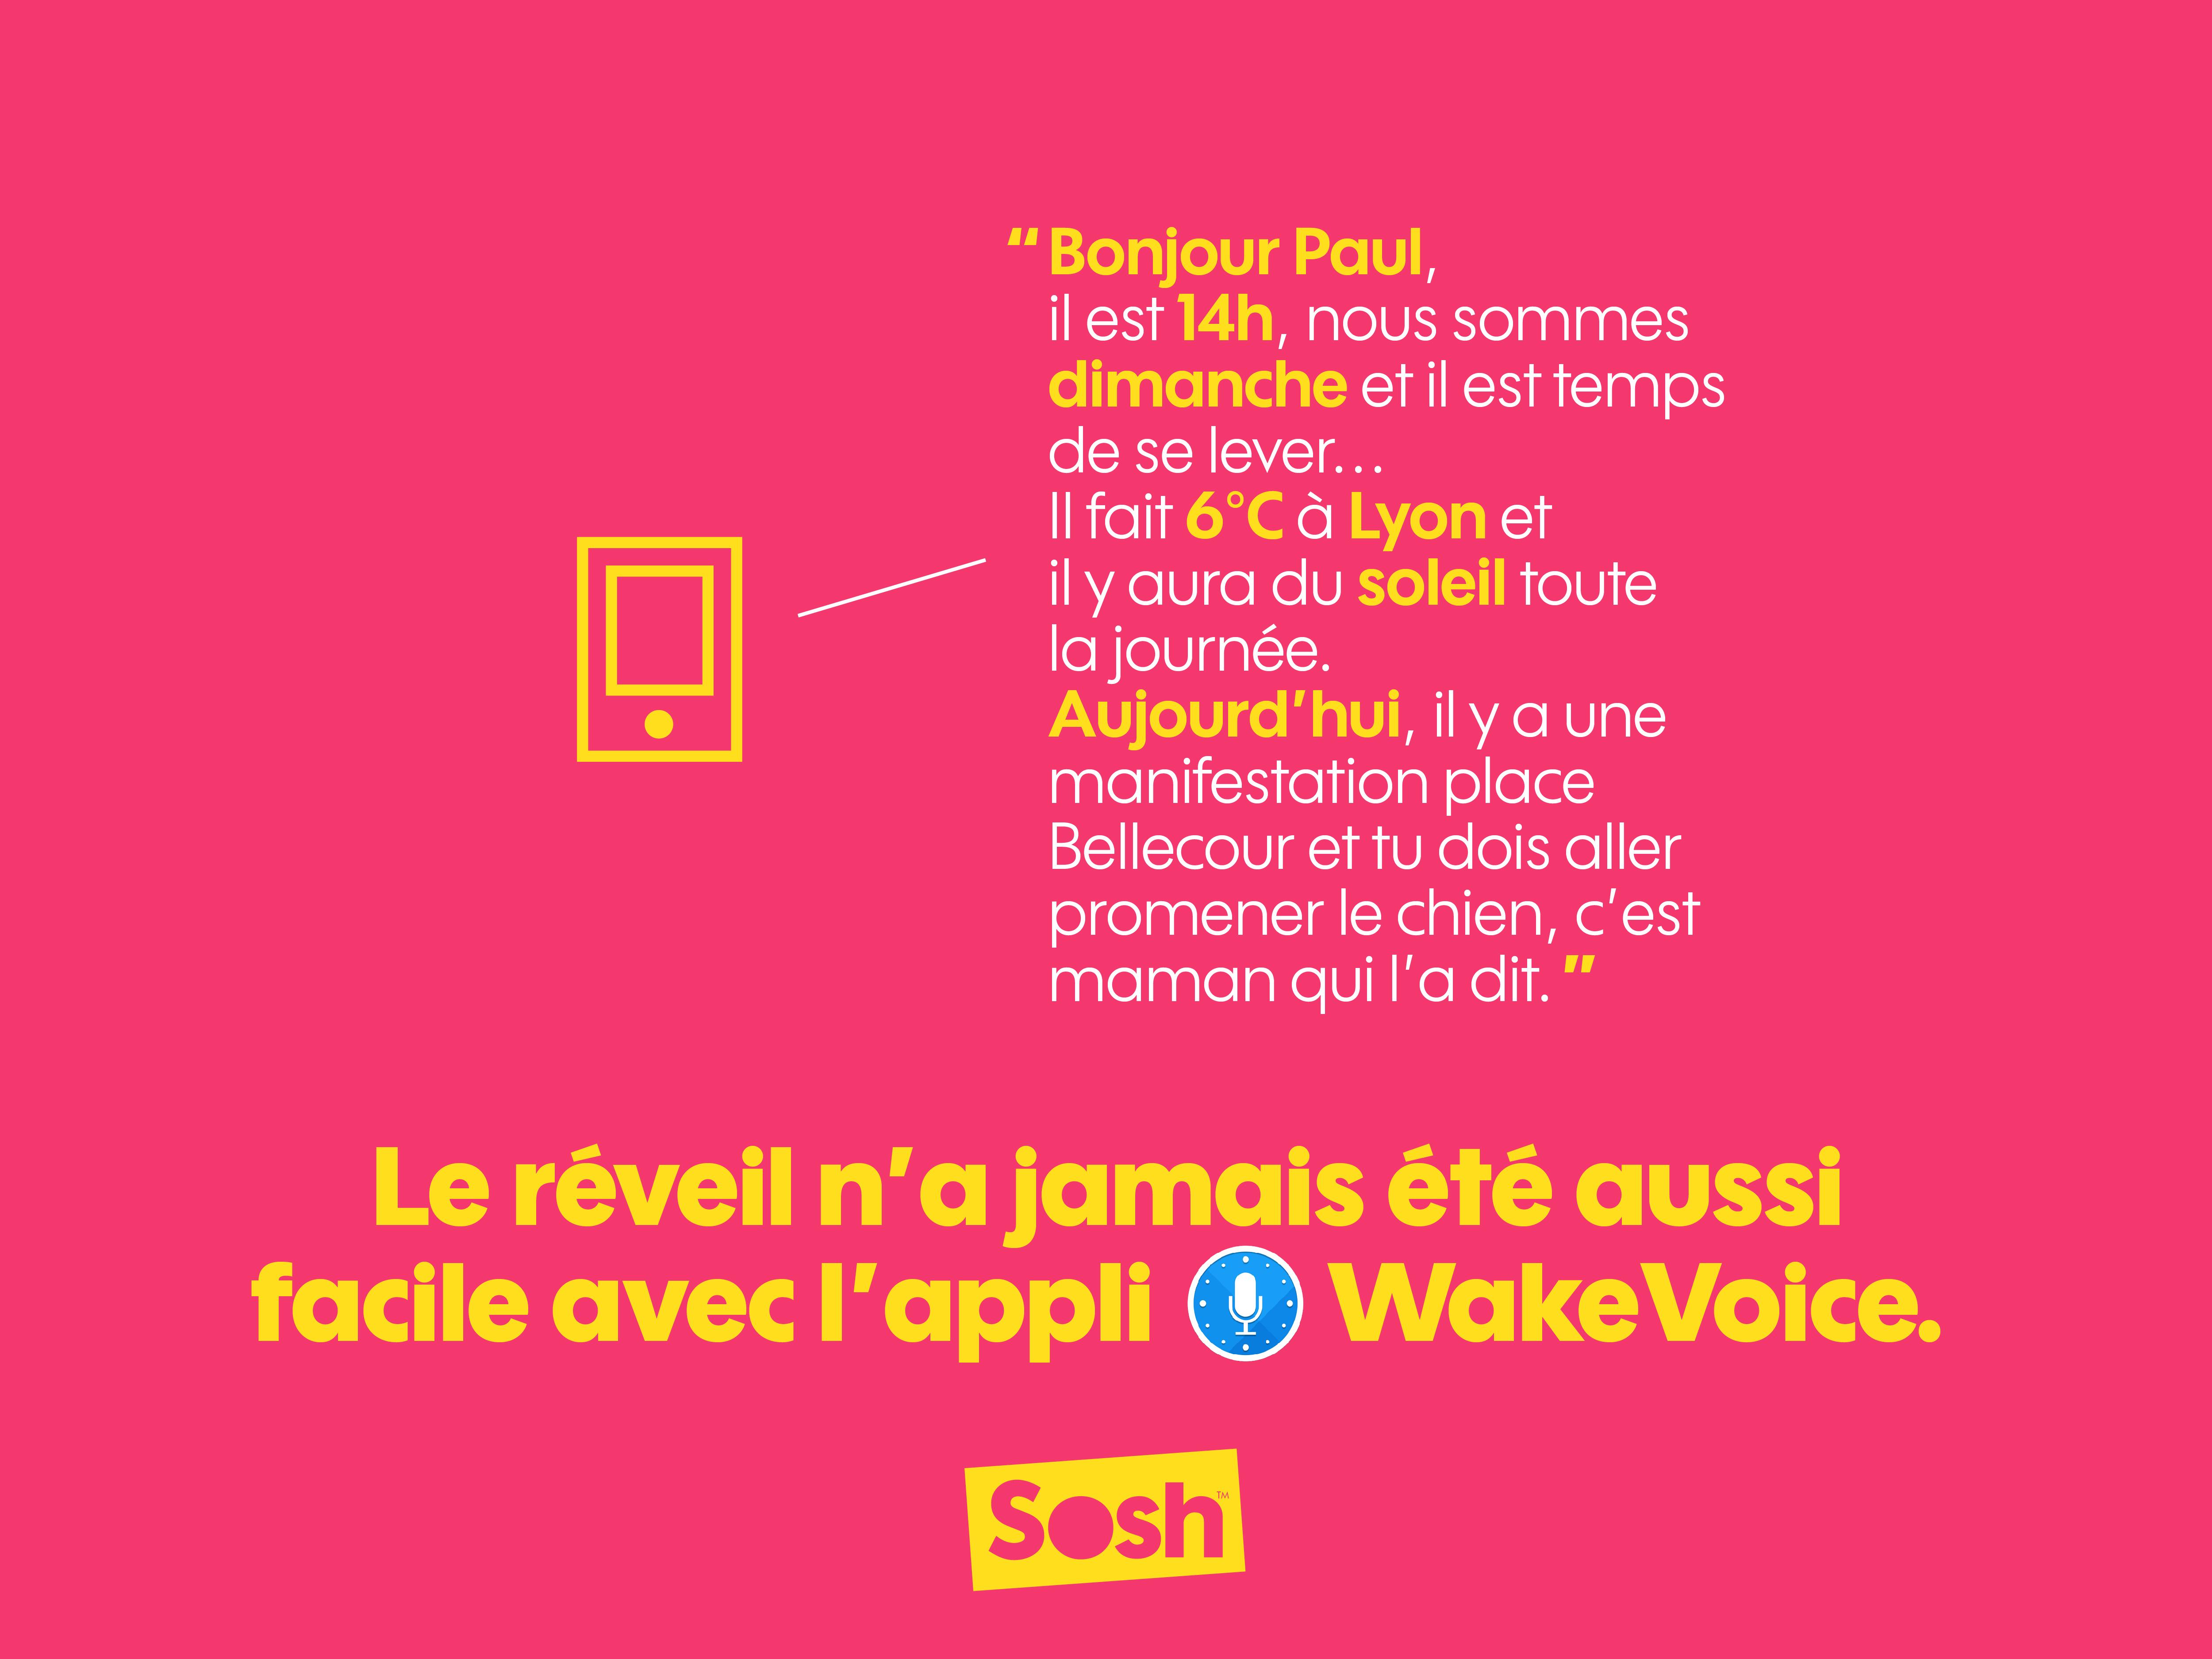 WAKE VOICE